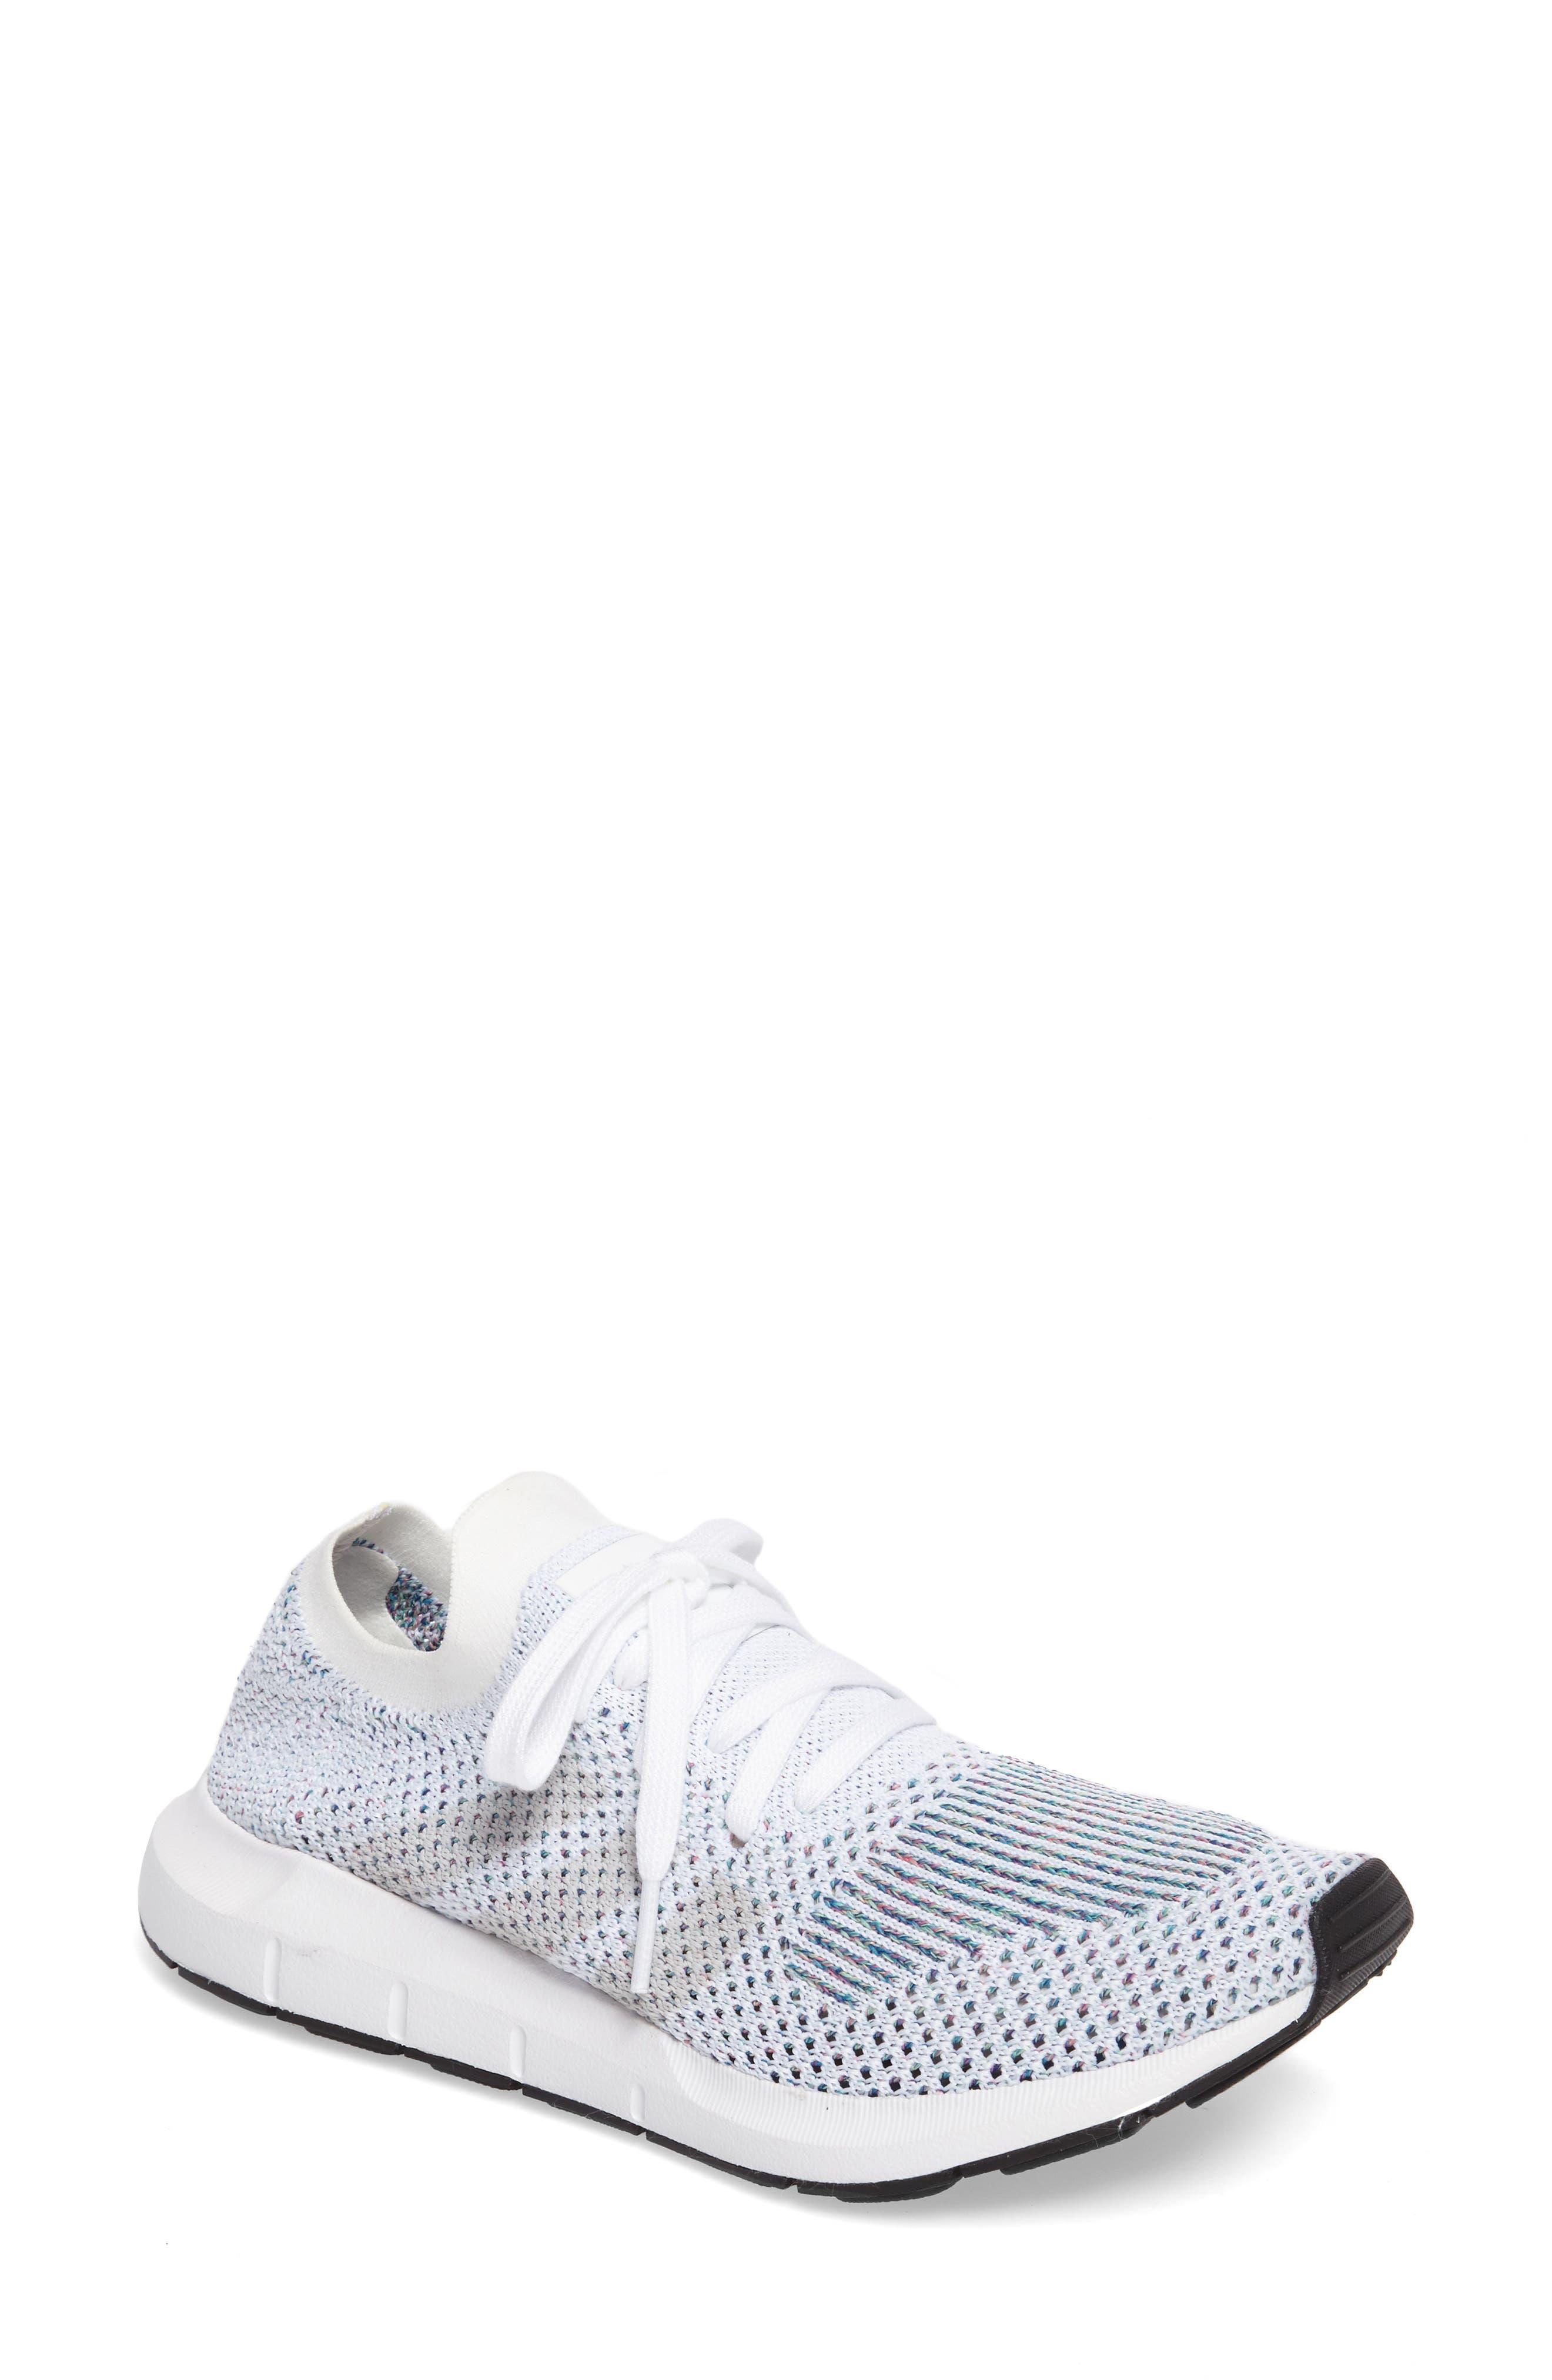 Swift Run Primeknit Training Shoe,                             Main thumbnail 1, color,                             White/ Off White/ Core Black